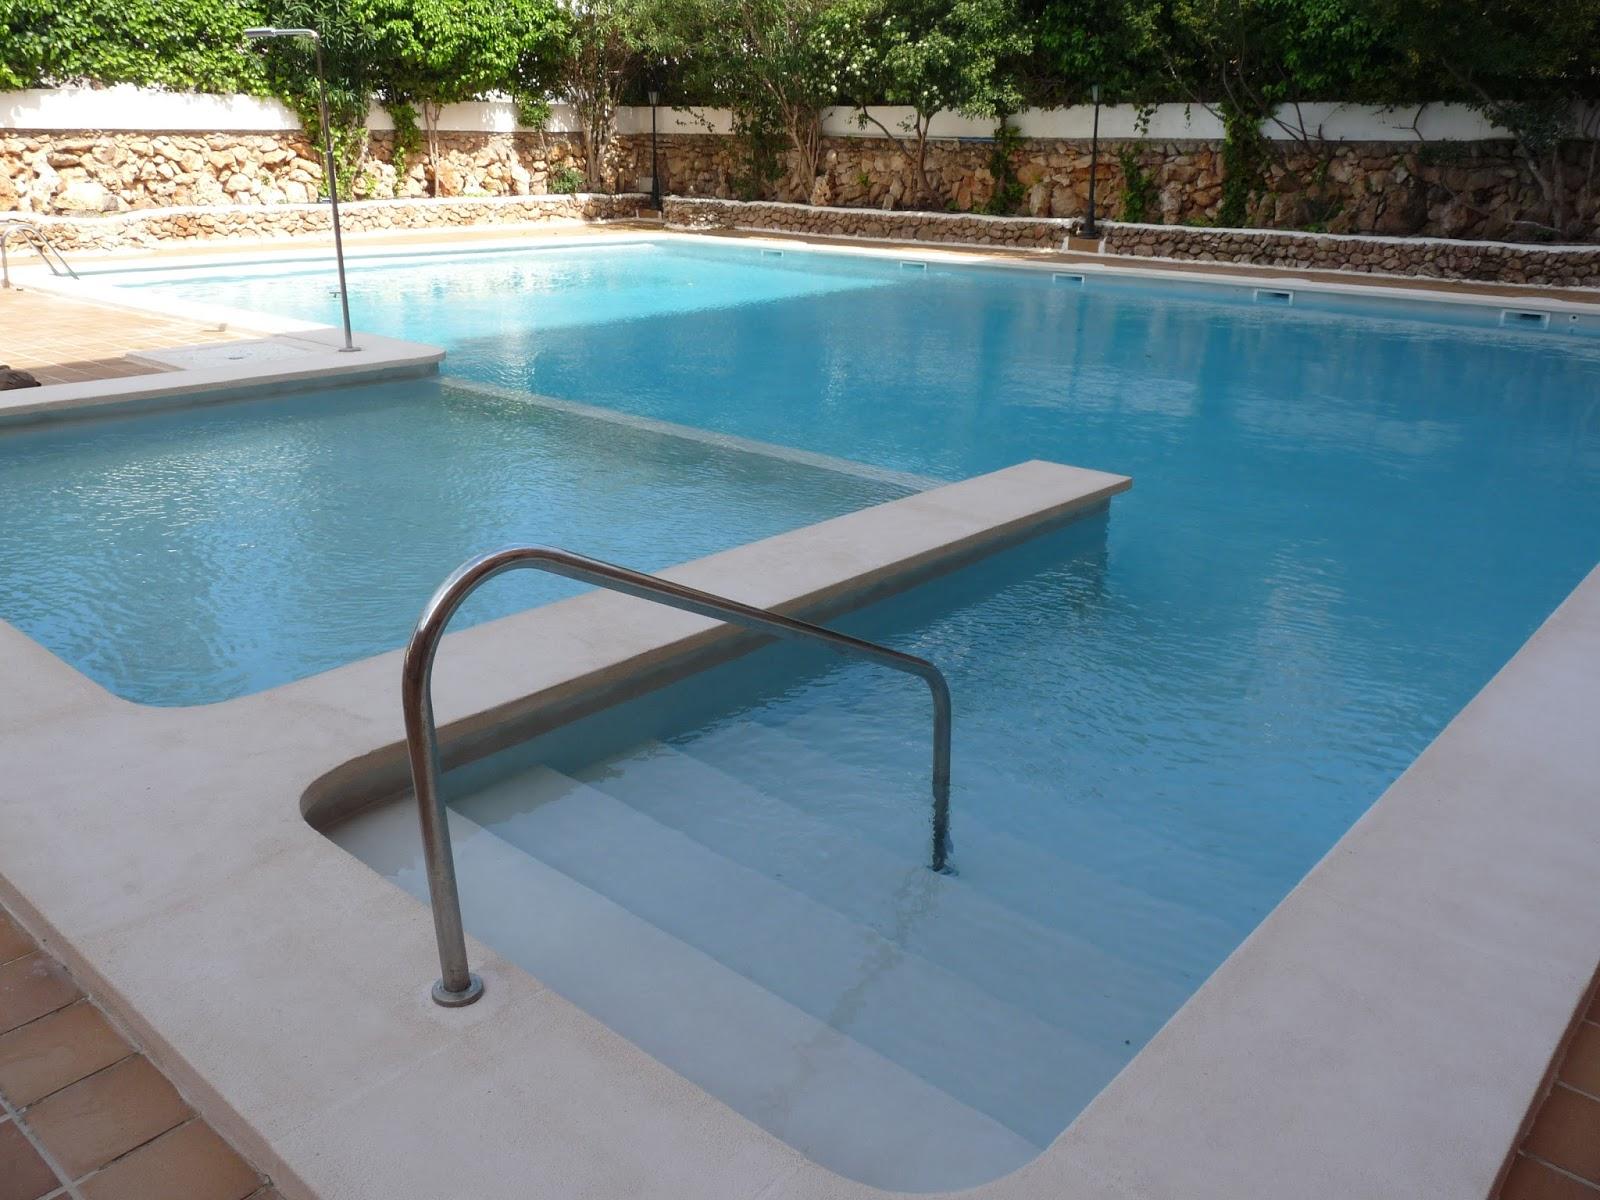 Reformas julio camarena revestimiento de piscina con for Revestimientos de piscinas